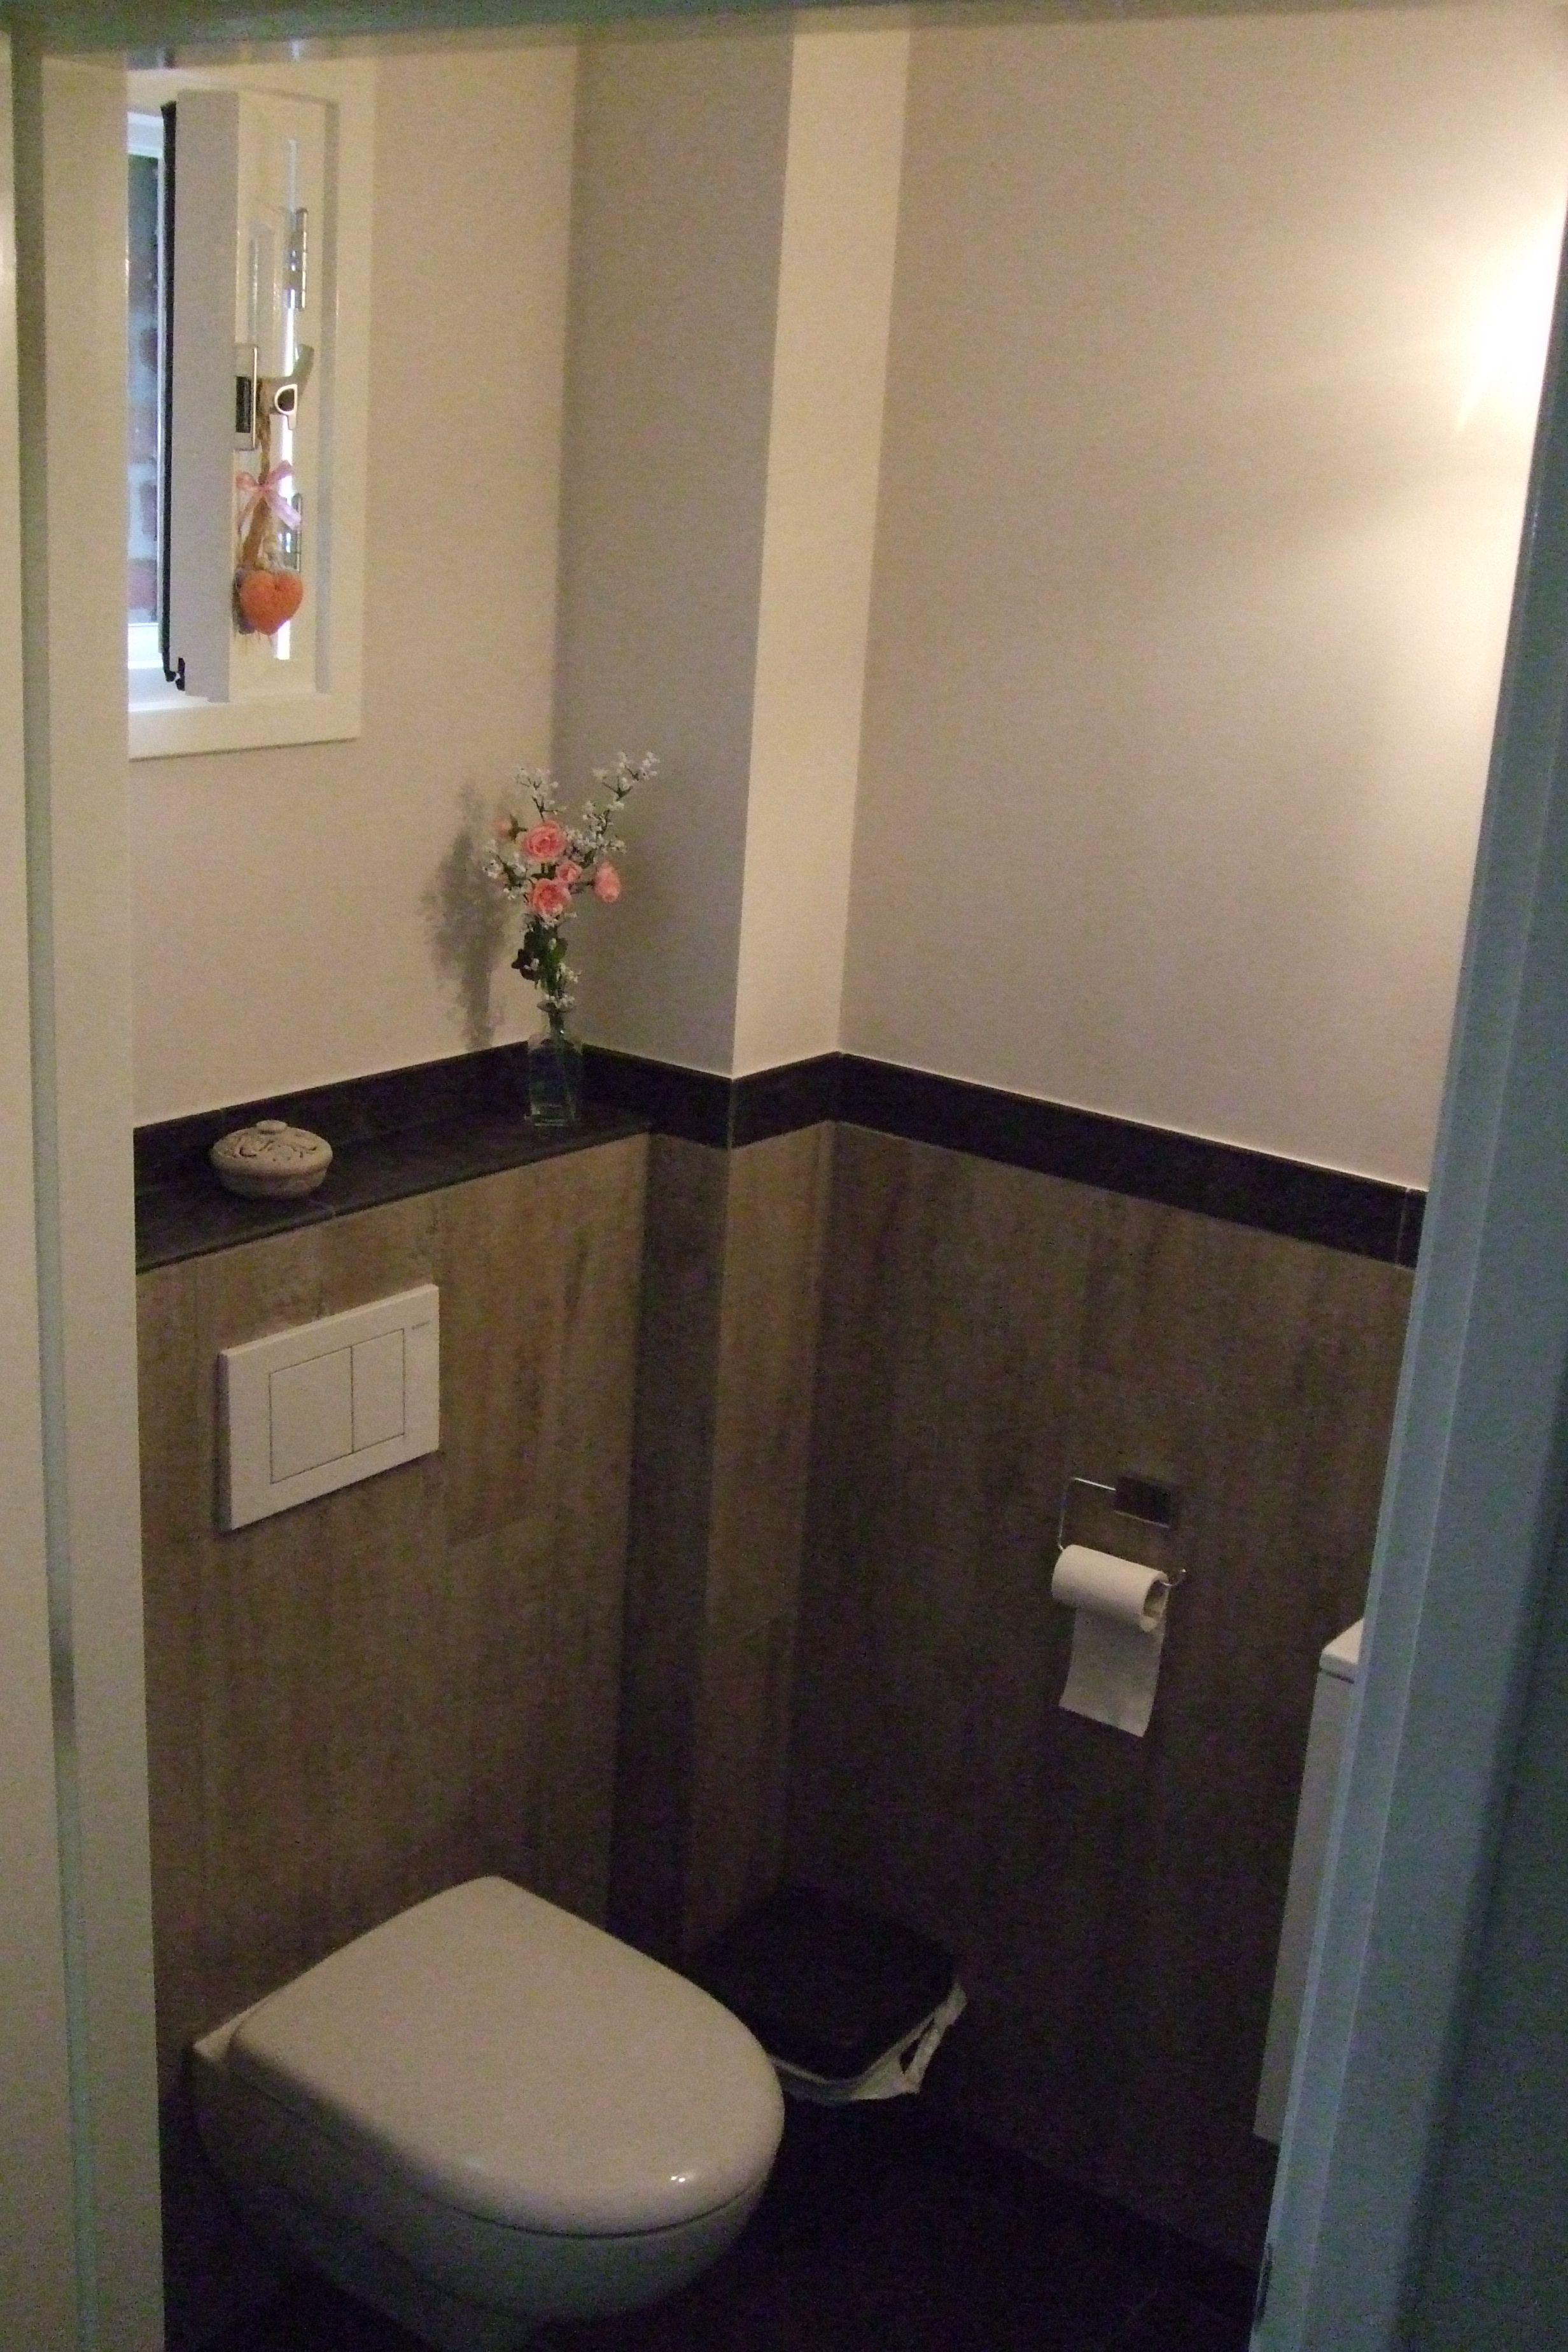 Badkamers en wc witlox bouwbedrijf - Badkamer wc ...